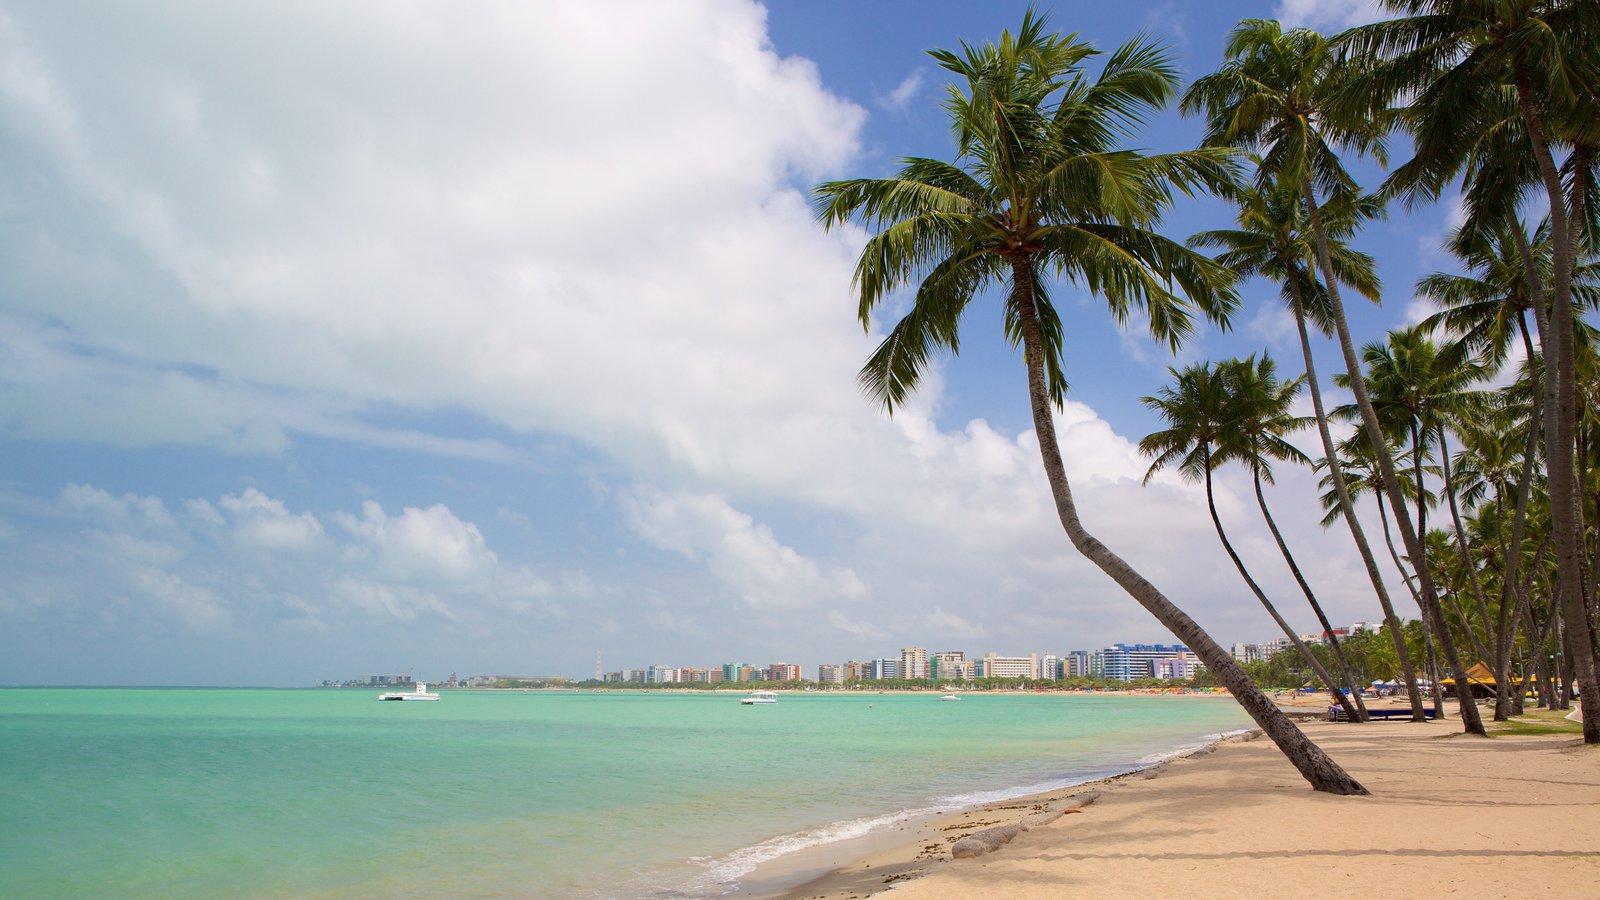 Praia de Ponta Verde caracterizando uma praia de areia, cenas tropicais e paisagens litorâneas